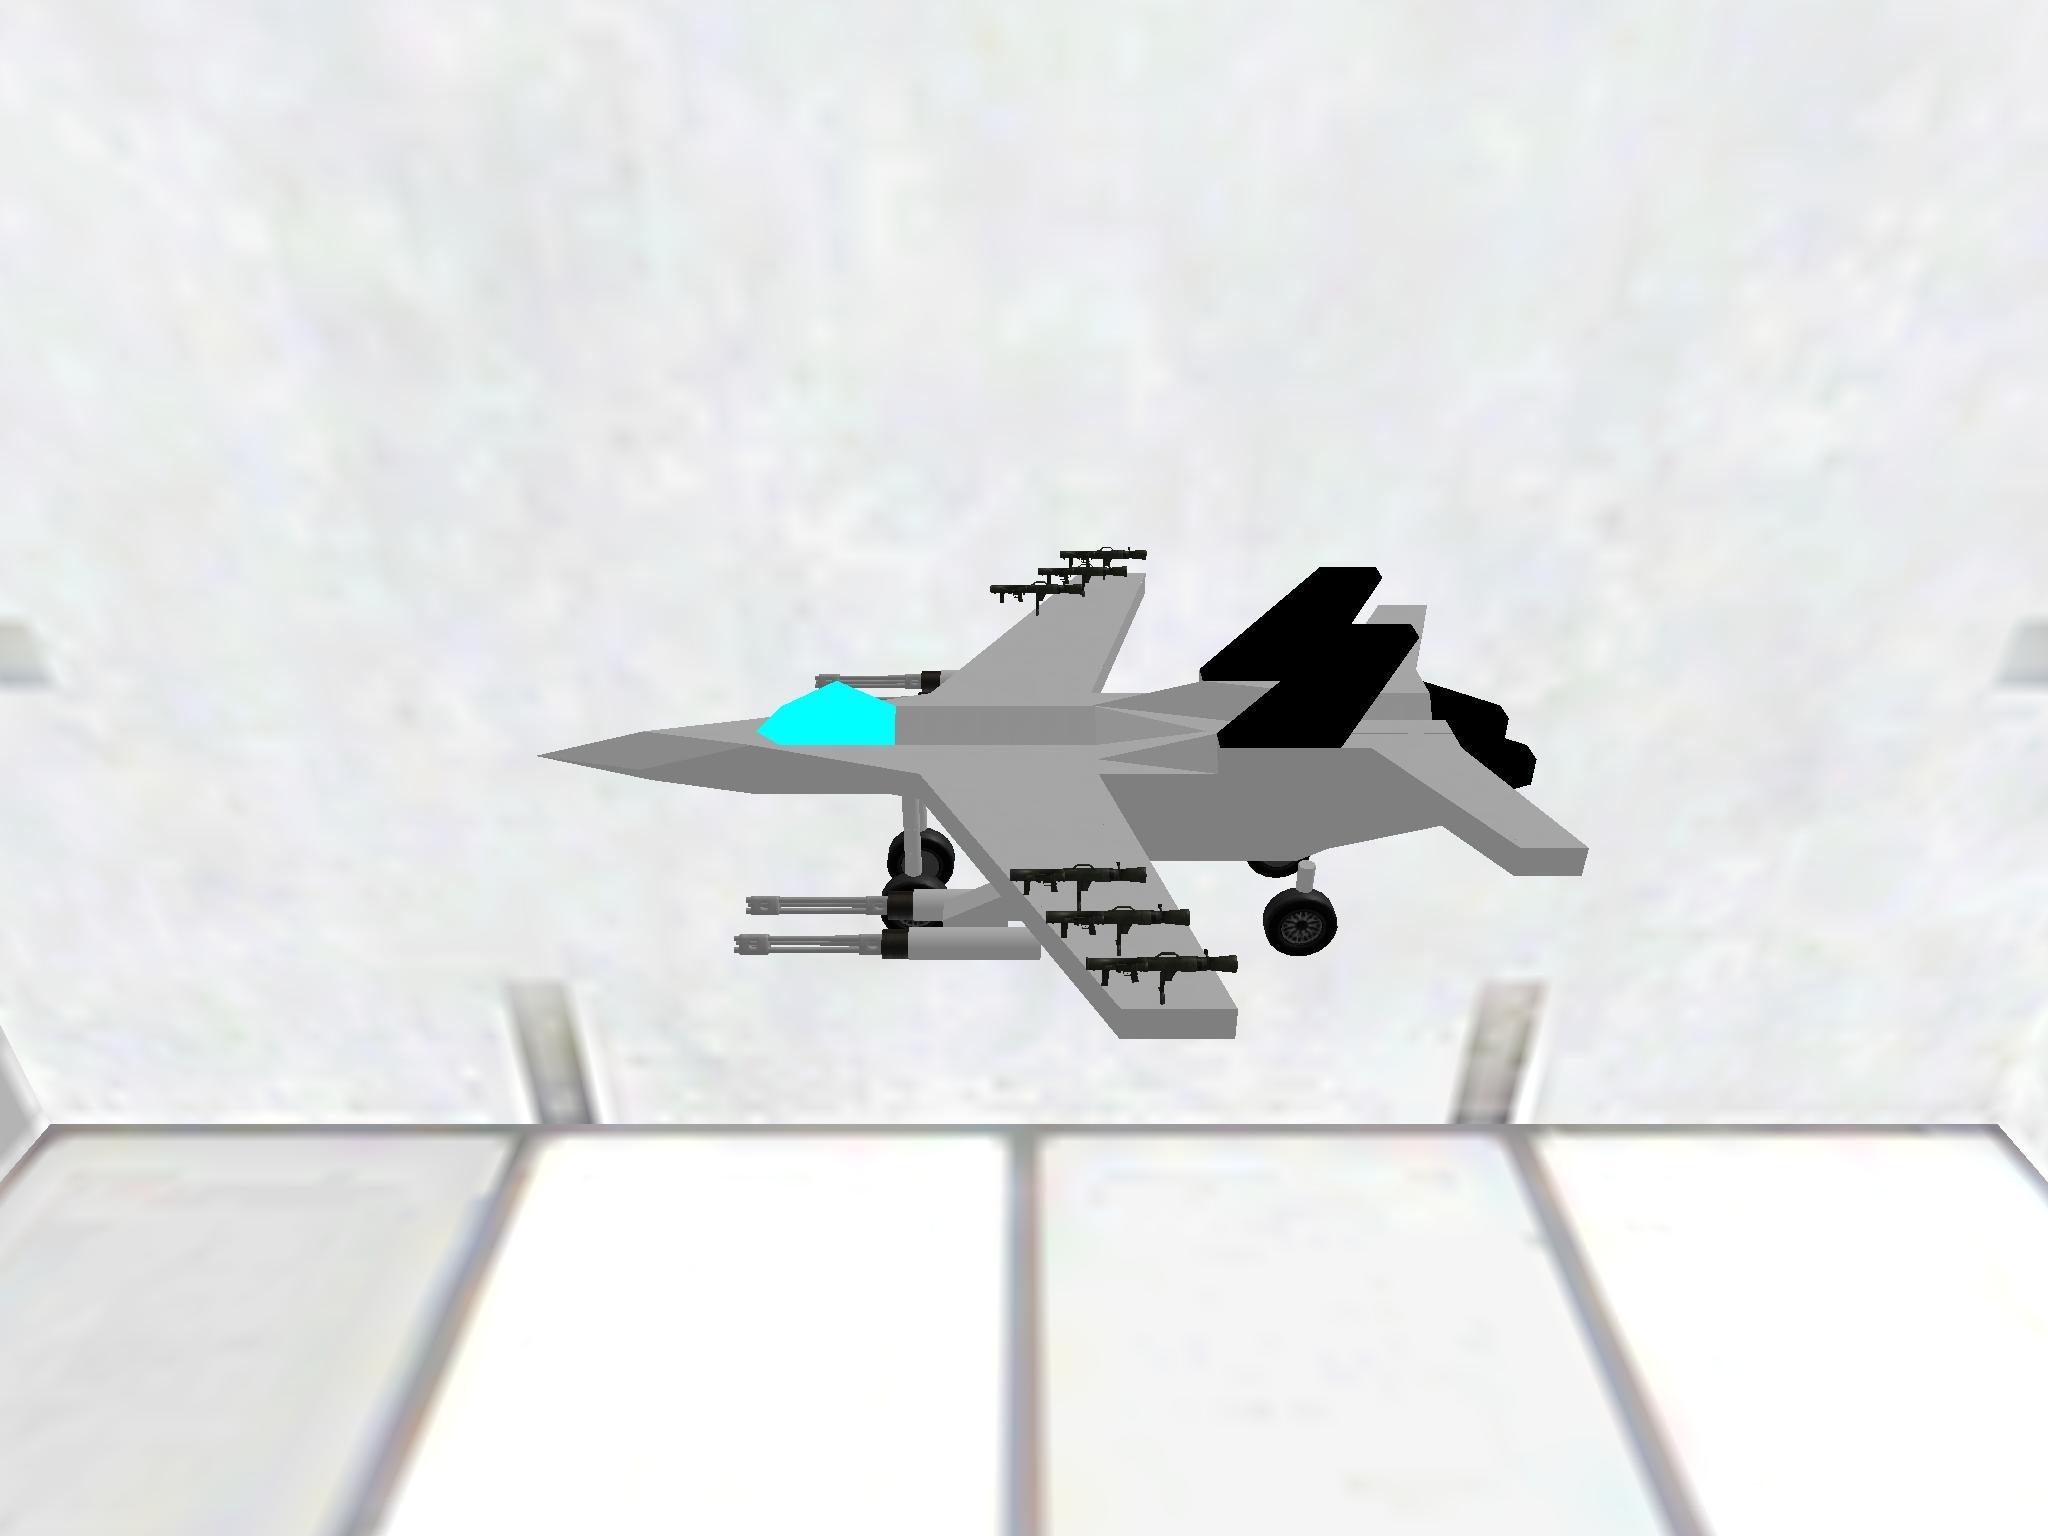 M-16 Falcon